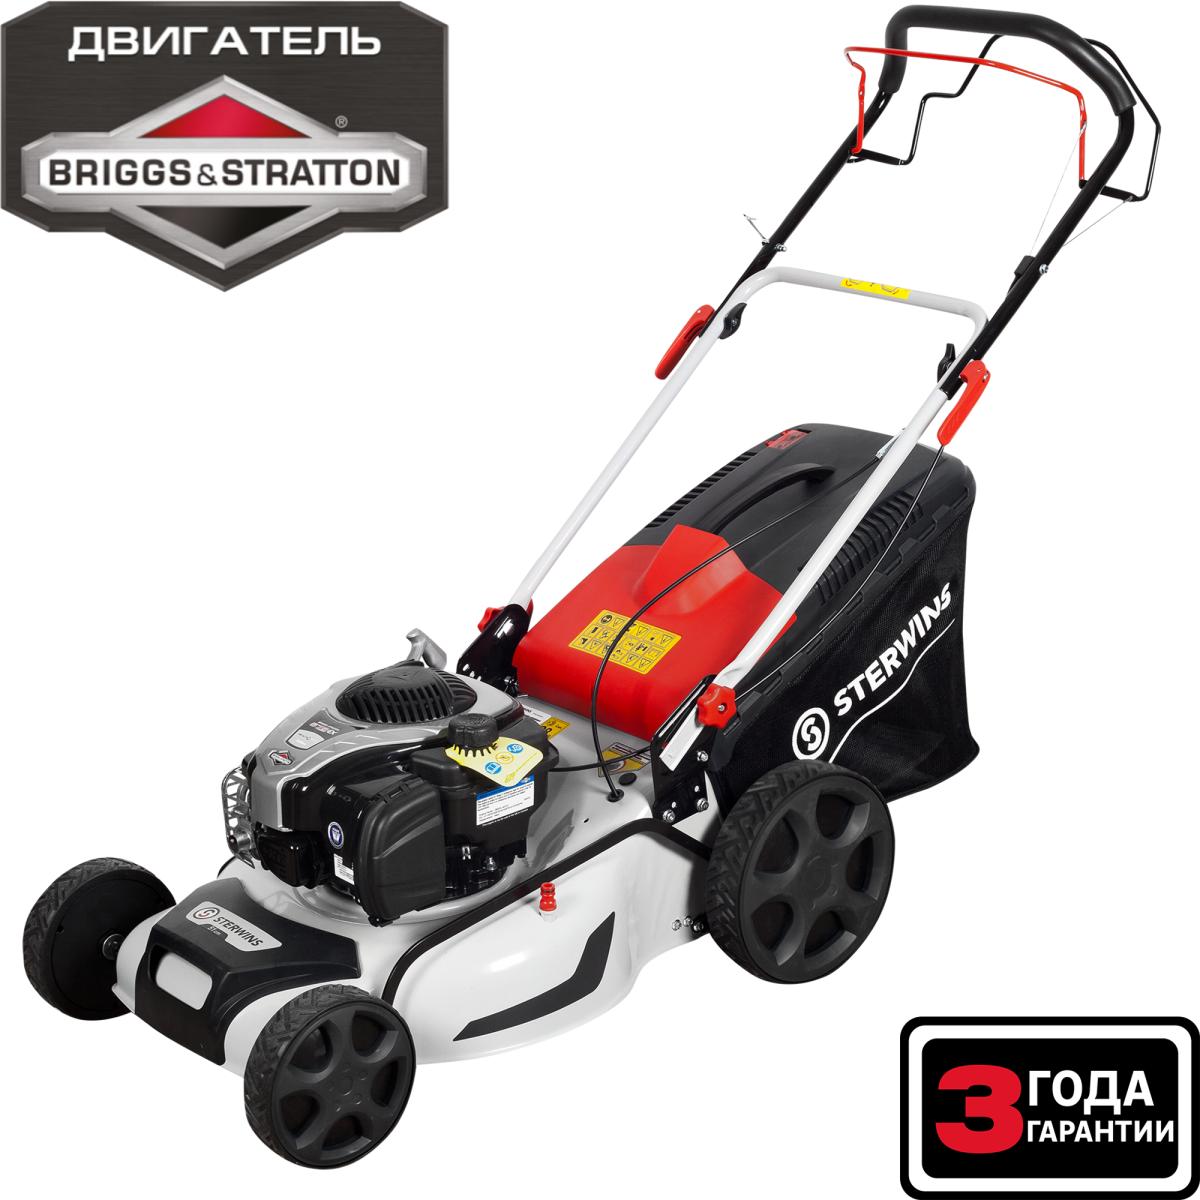 Газонокосилка бензиновая самоходная Sterwins Comfort Briggs&ampStratton 2.8 л/с 51 см